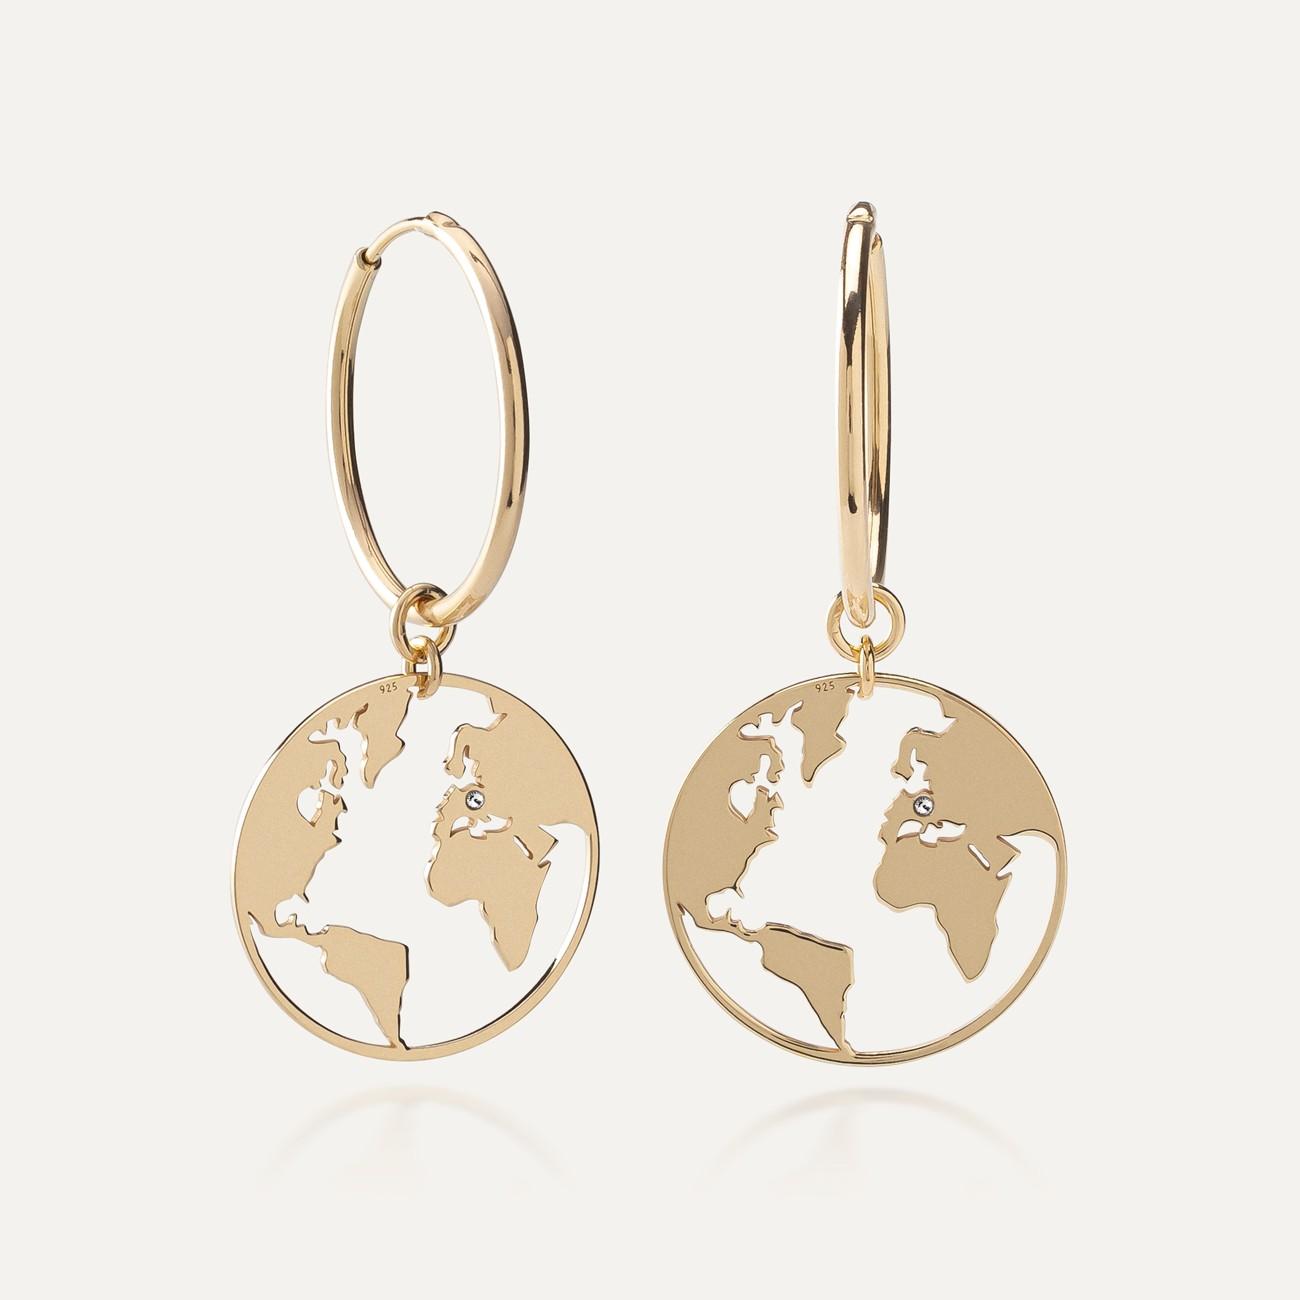 Cross hoop earrings sterling silver 925